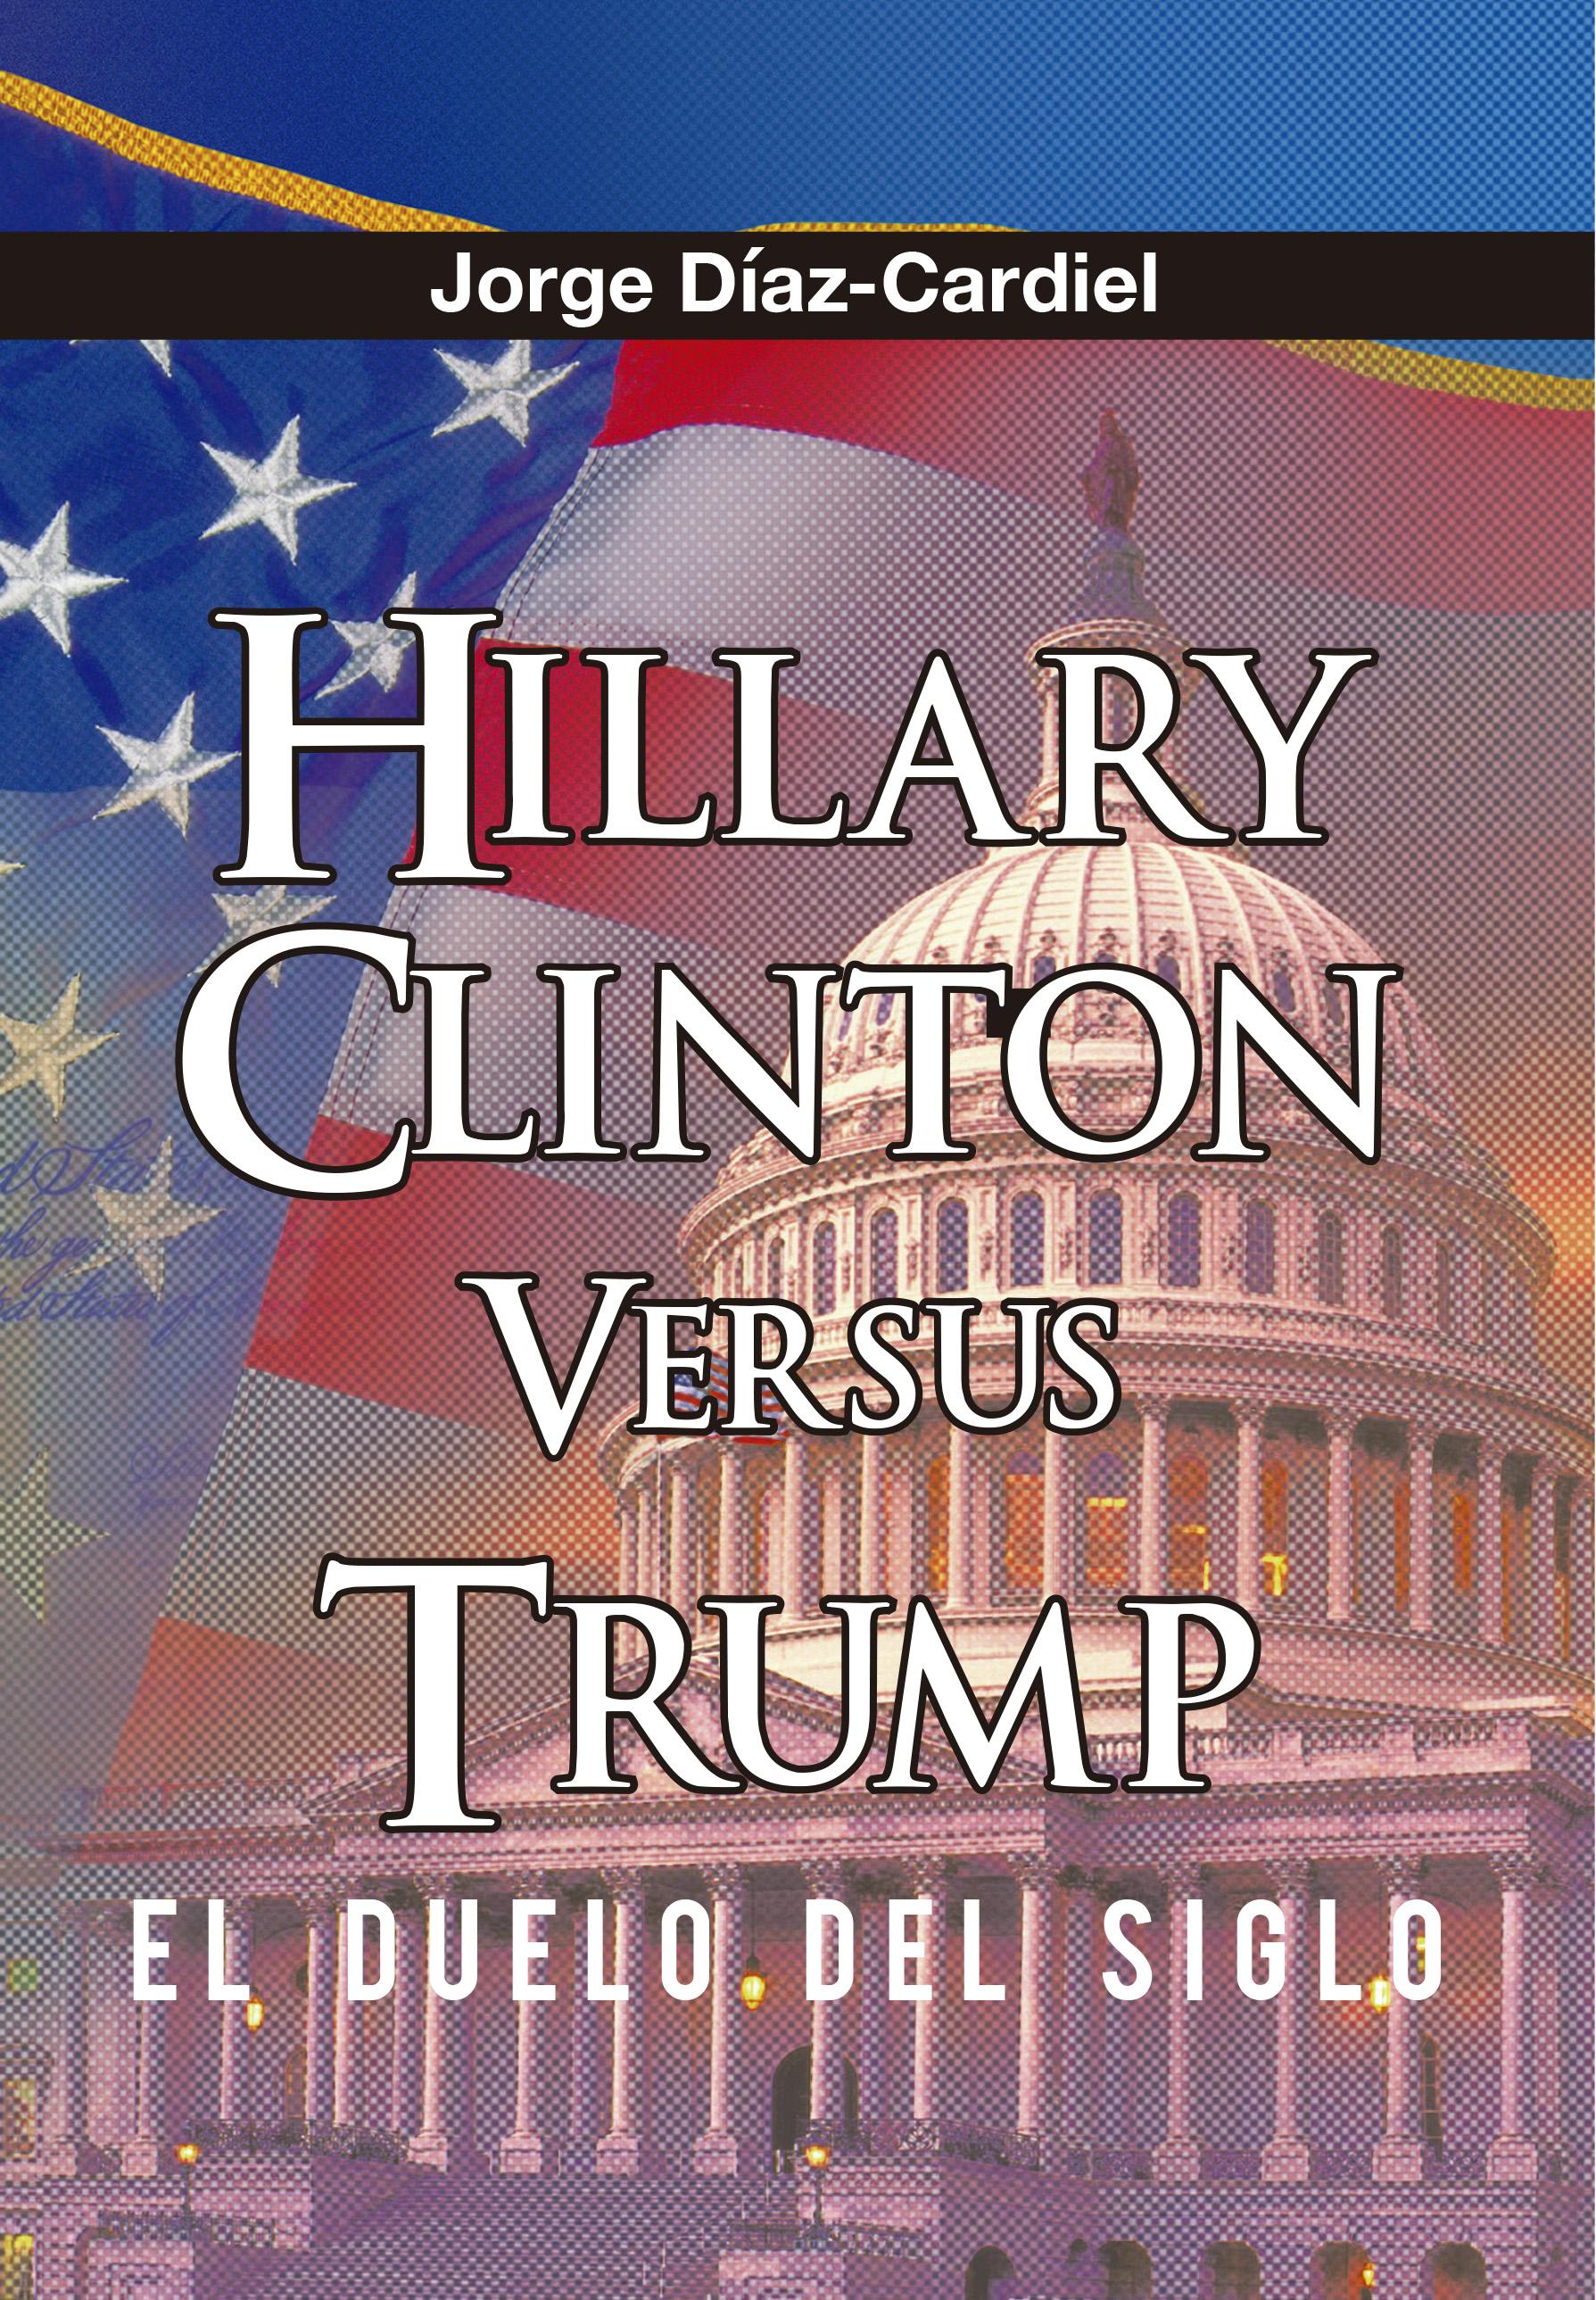 libro-hillary-clinton-vs-donald-trump-el-duelo-del-siglo-por-jorge-diaz-cardiel